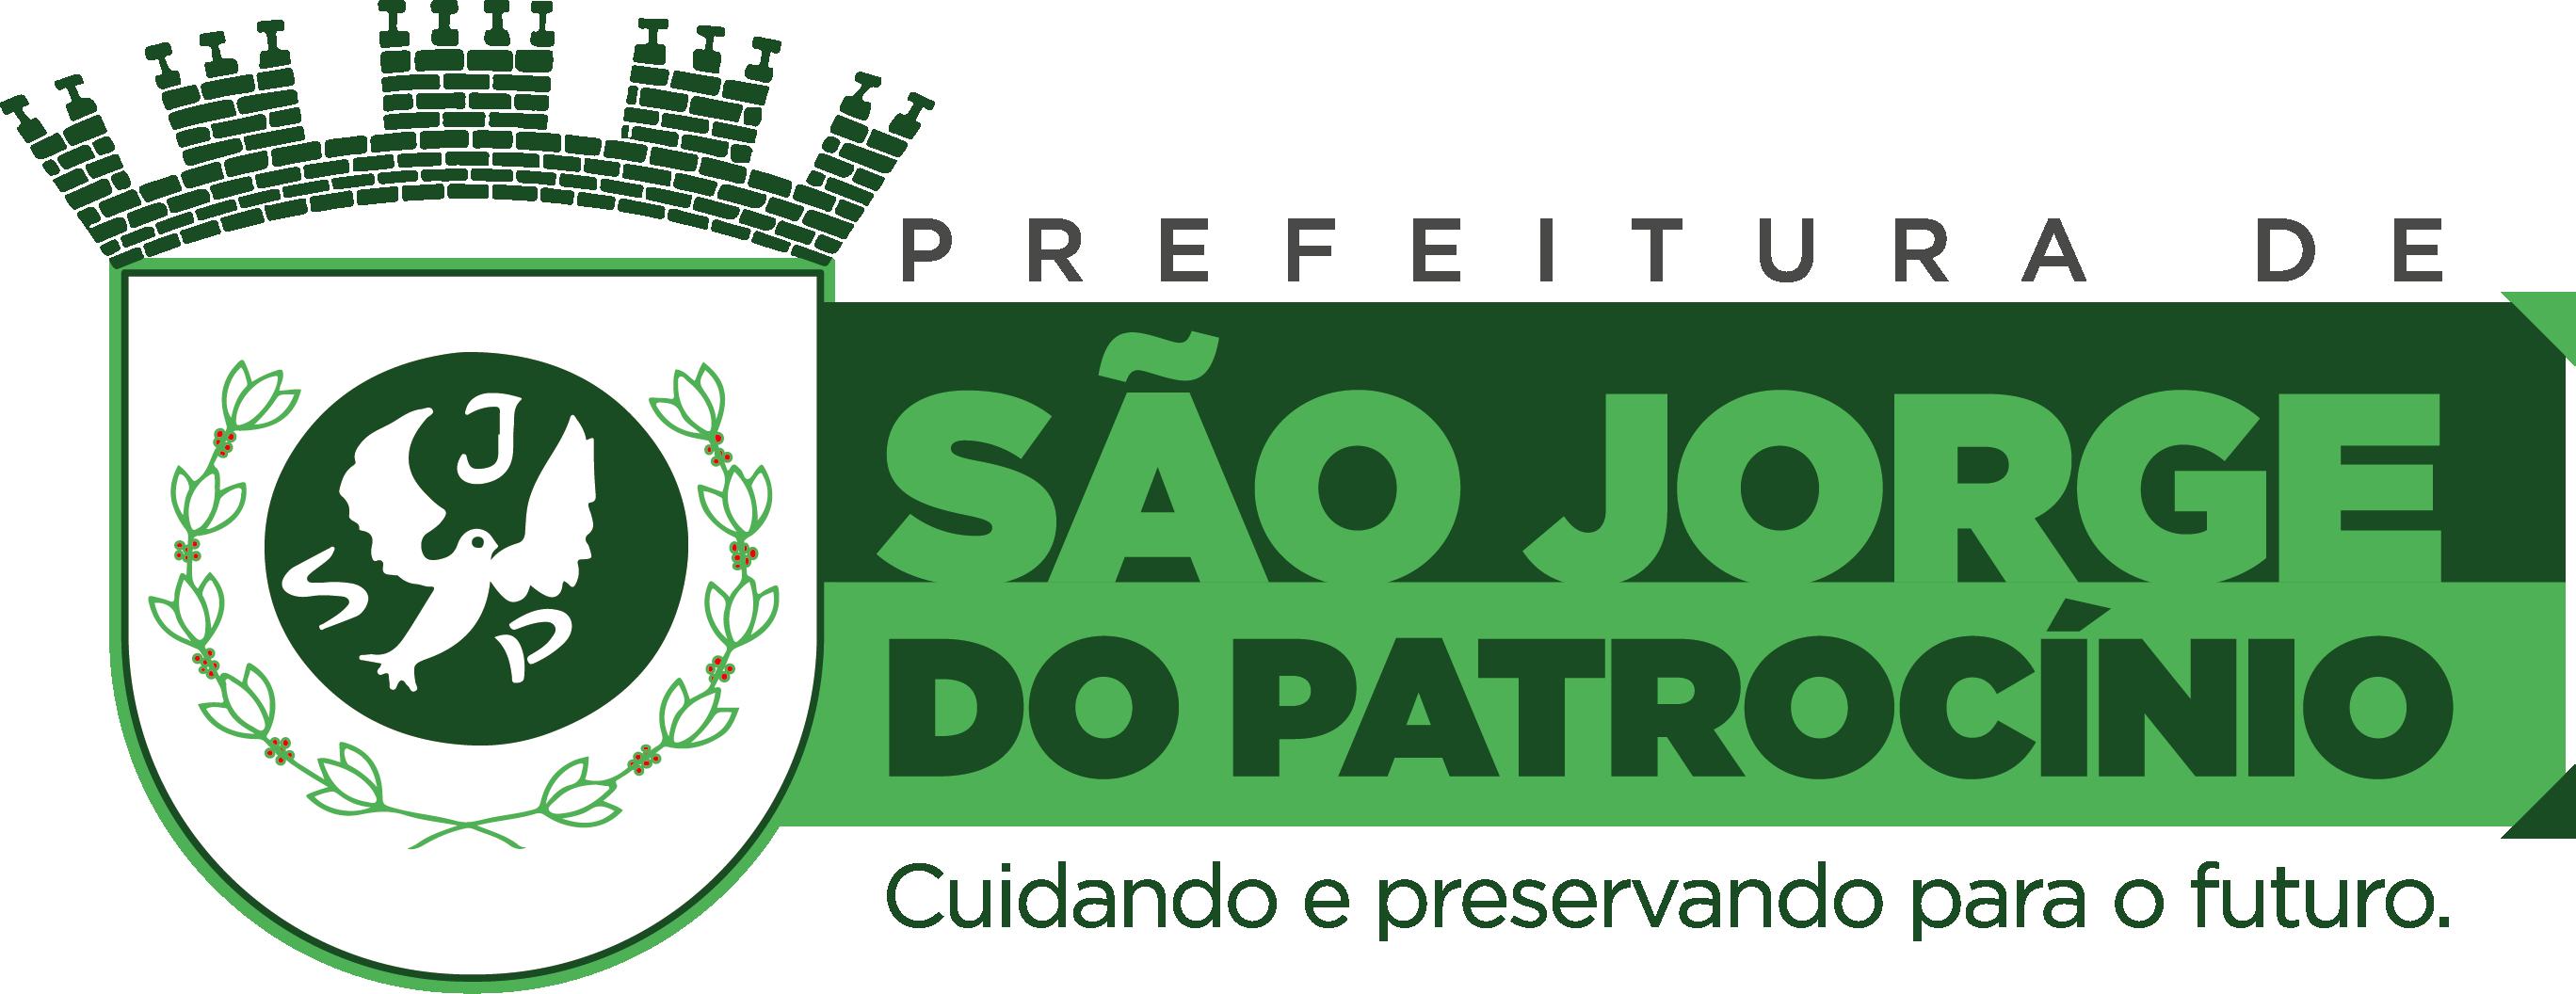 PREFEITURA MUNICIPAL DE SÃO JORGE DO PATROCÍNIO